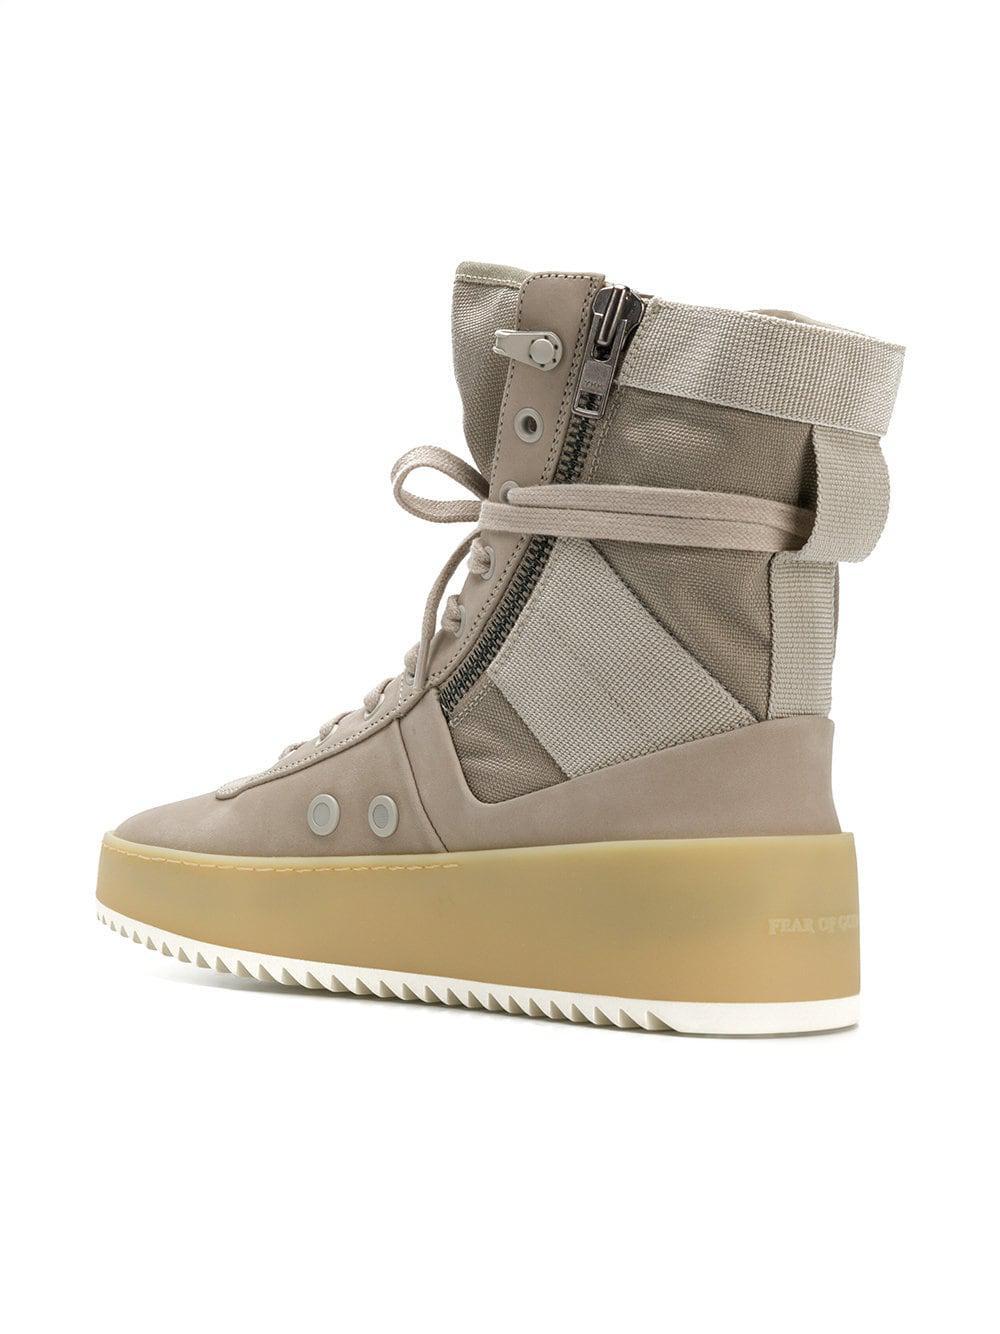 new product d215c 31471 fear-of-god-Neutrals-Zipped-Hi-top-Sneakers.jpeg